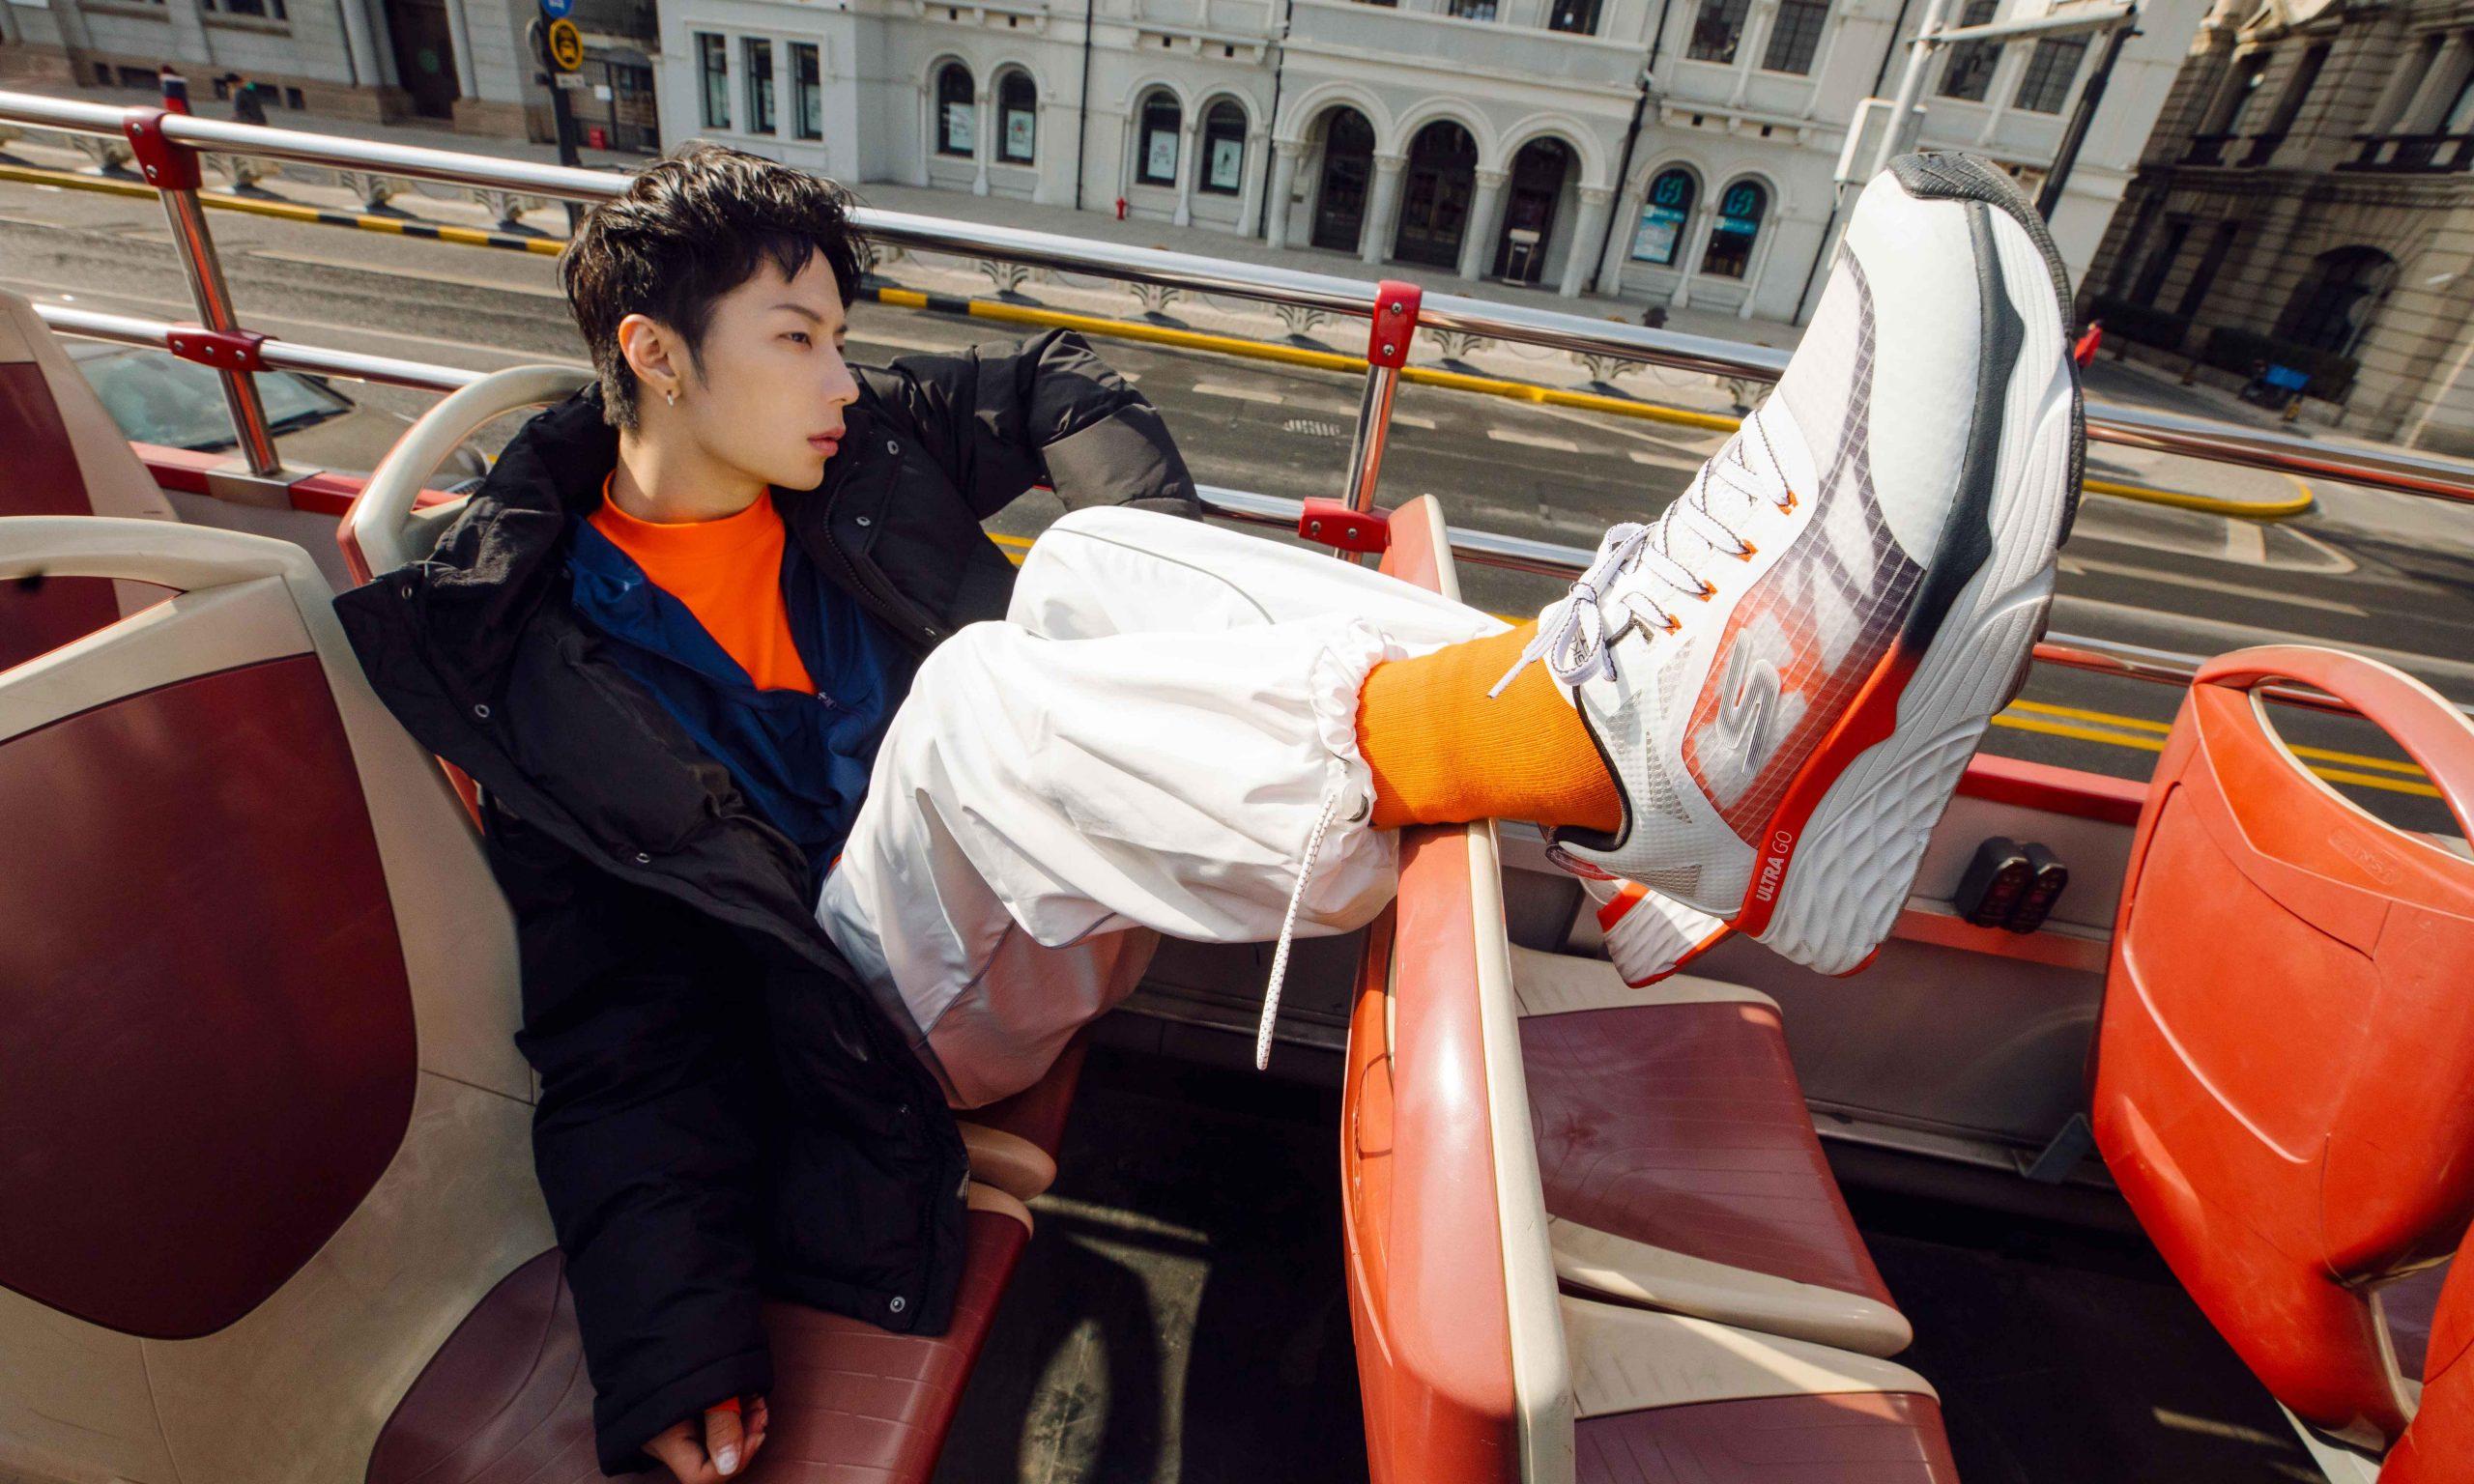 普遍球鞋都玩配色,SKECHERS 这次有什么「招数」?